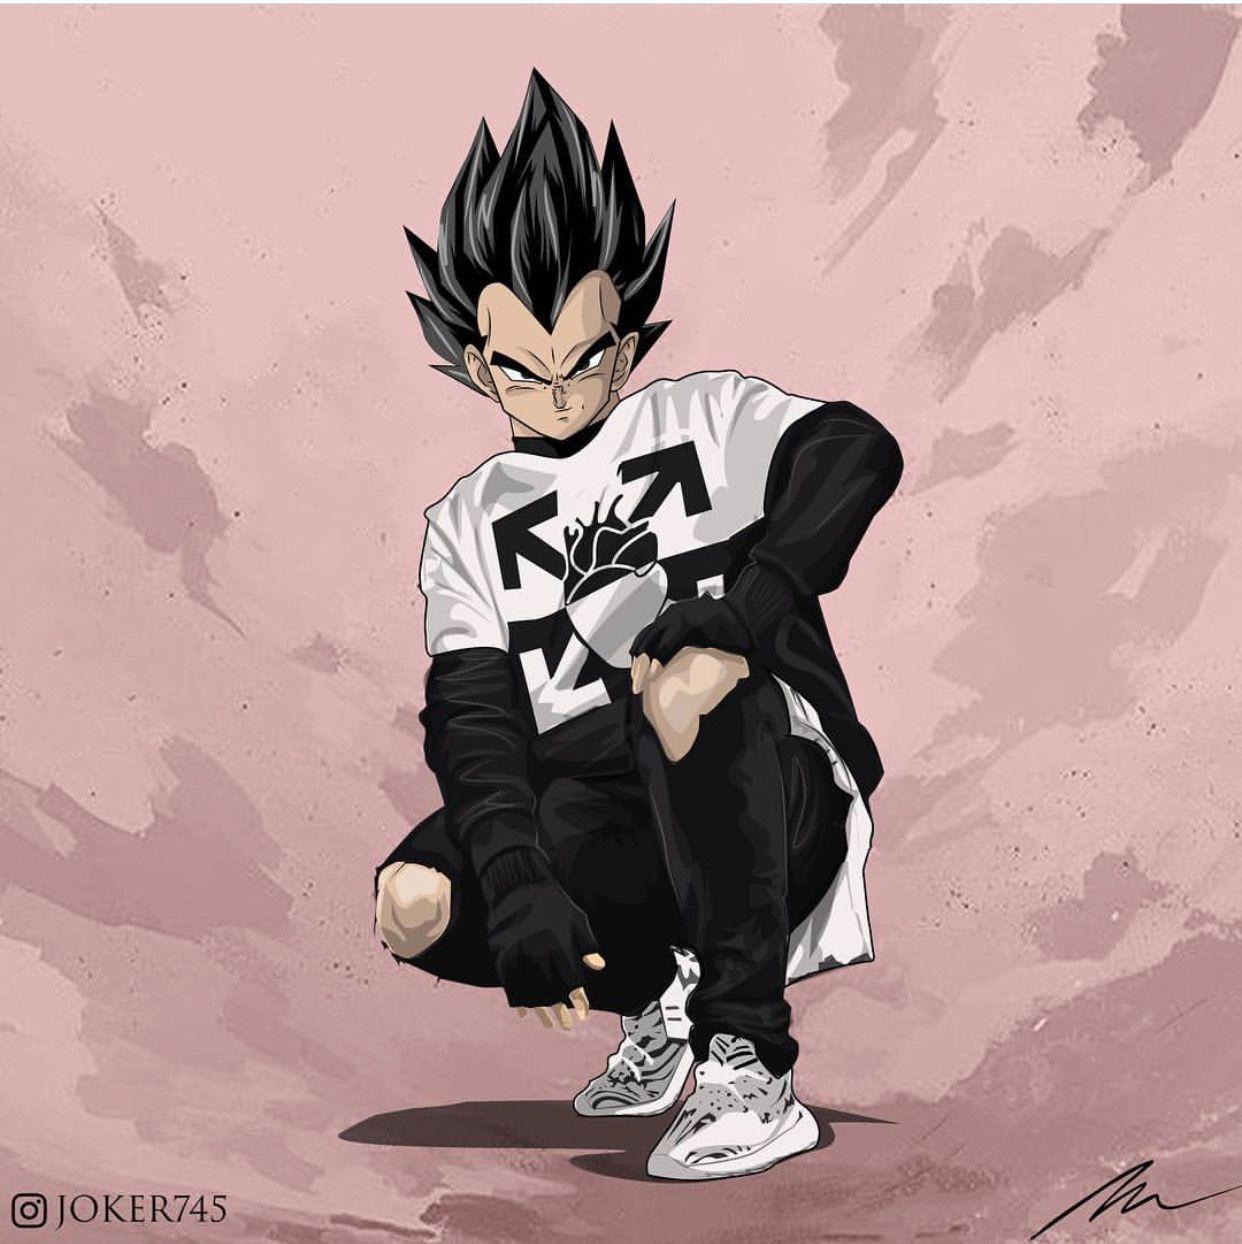 Pin De Chau103 To Em Hinh Nền điện Thoại Personagens De Anime Desenhos De Anime Desenhos Swag